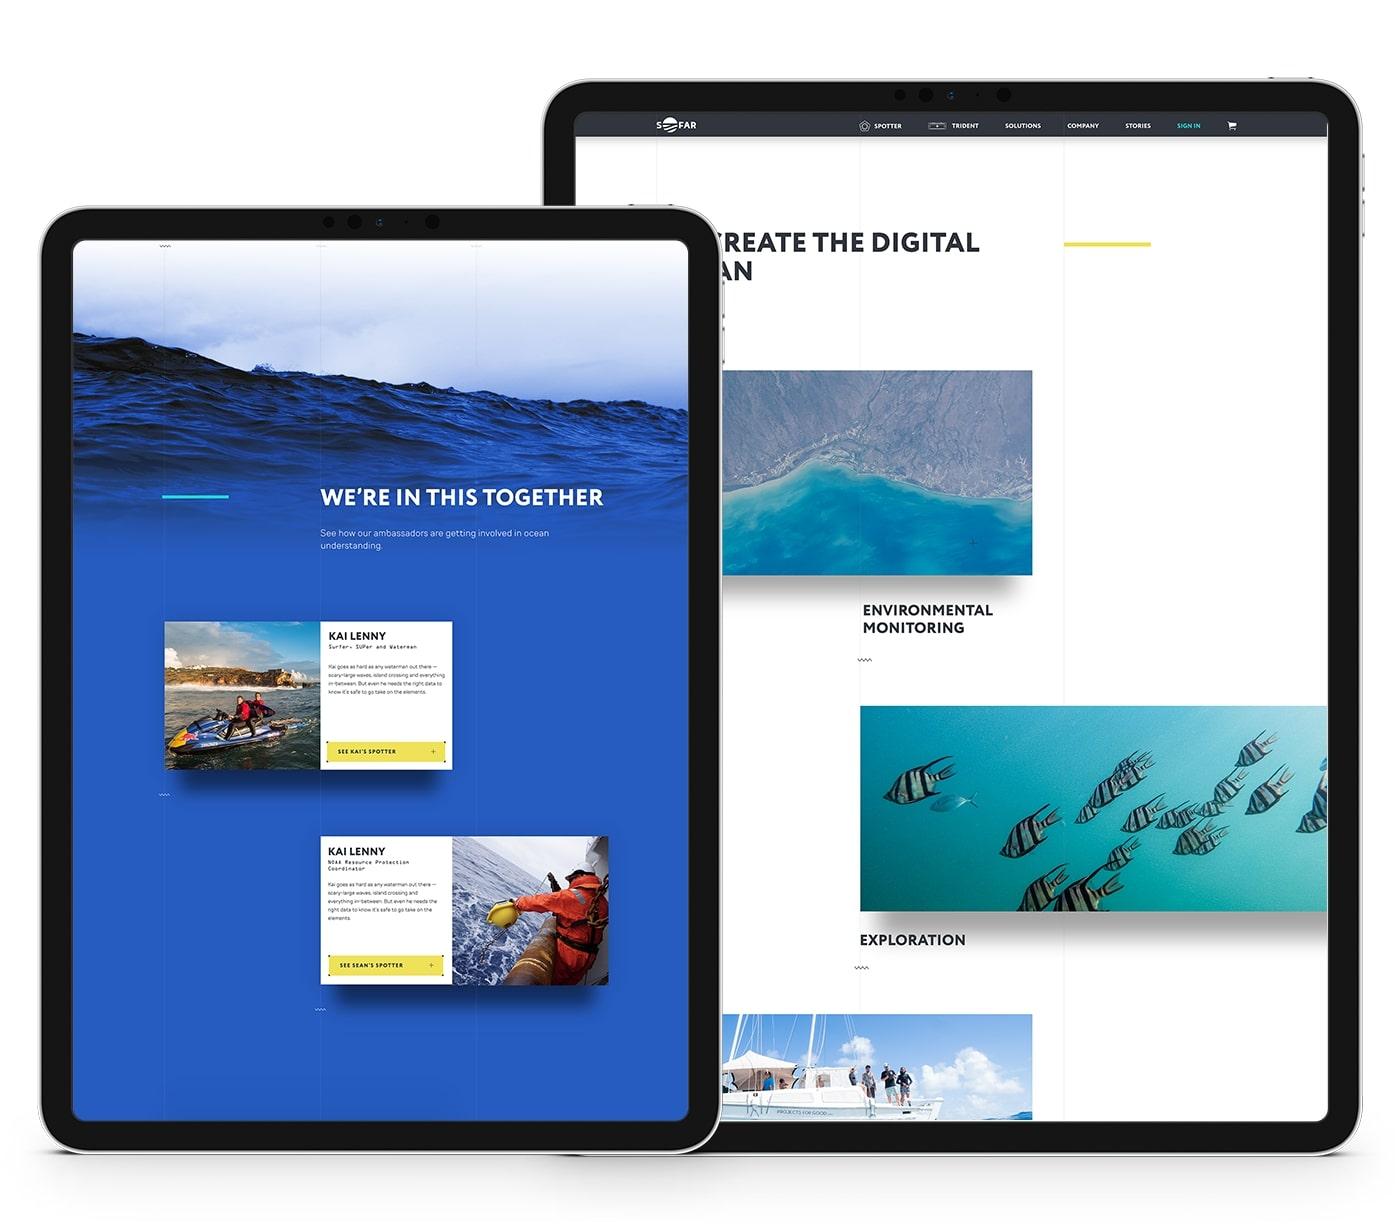 Diseño web del sitio de Sofar Ocean en tablet por El Patio Webflow Studio